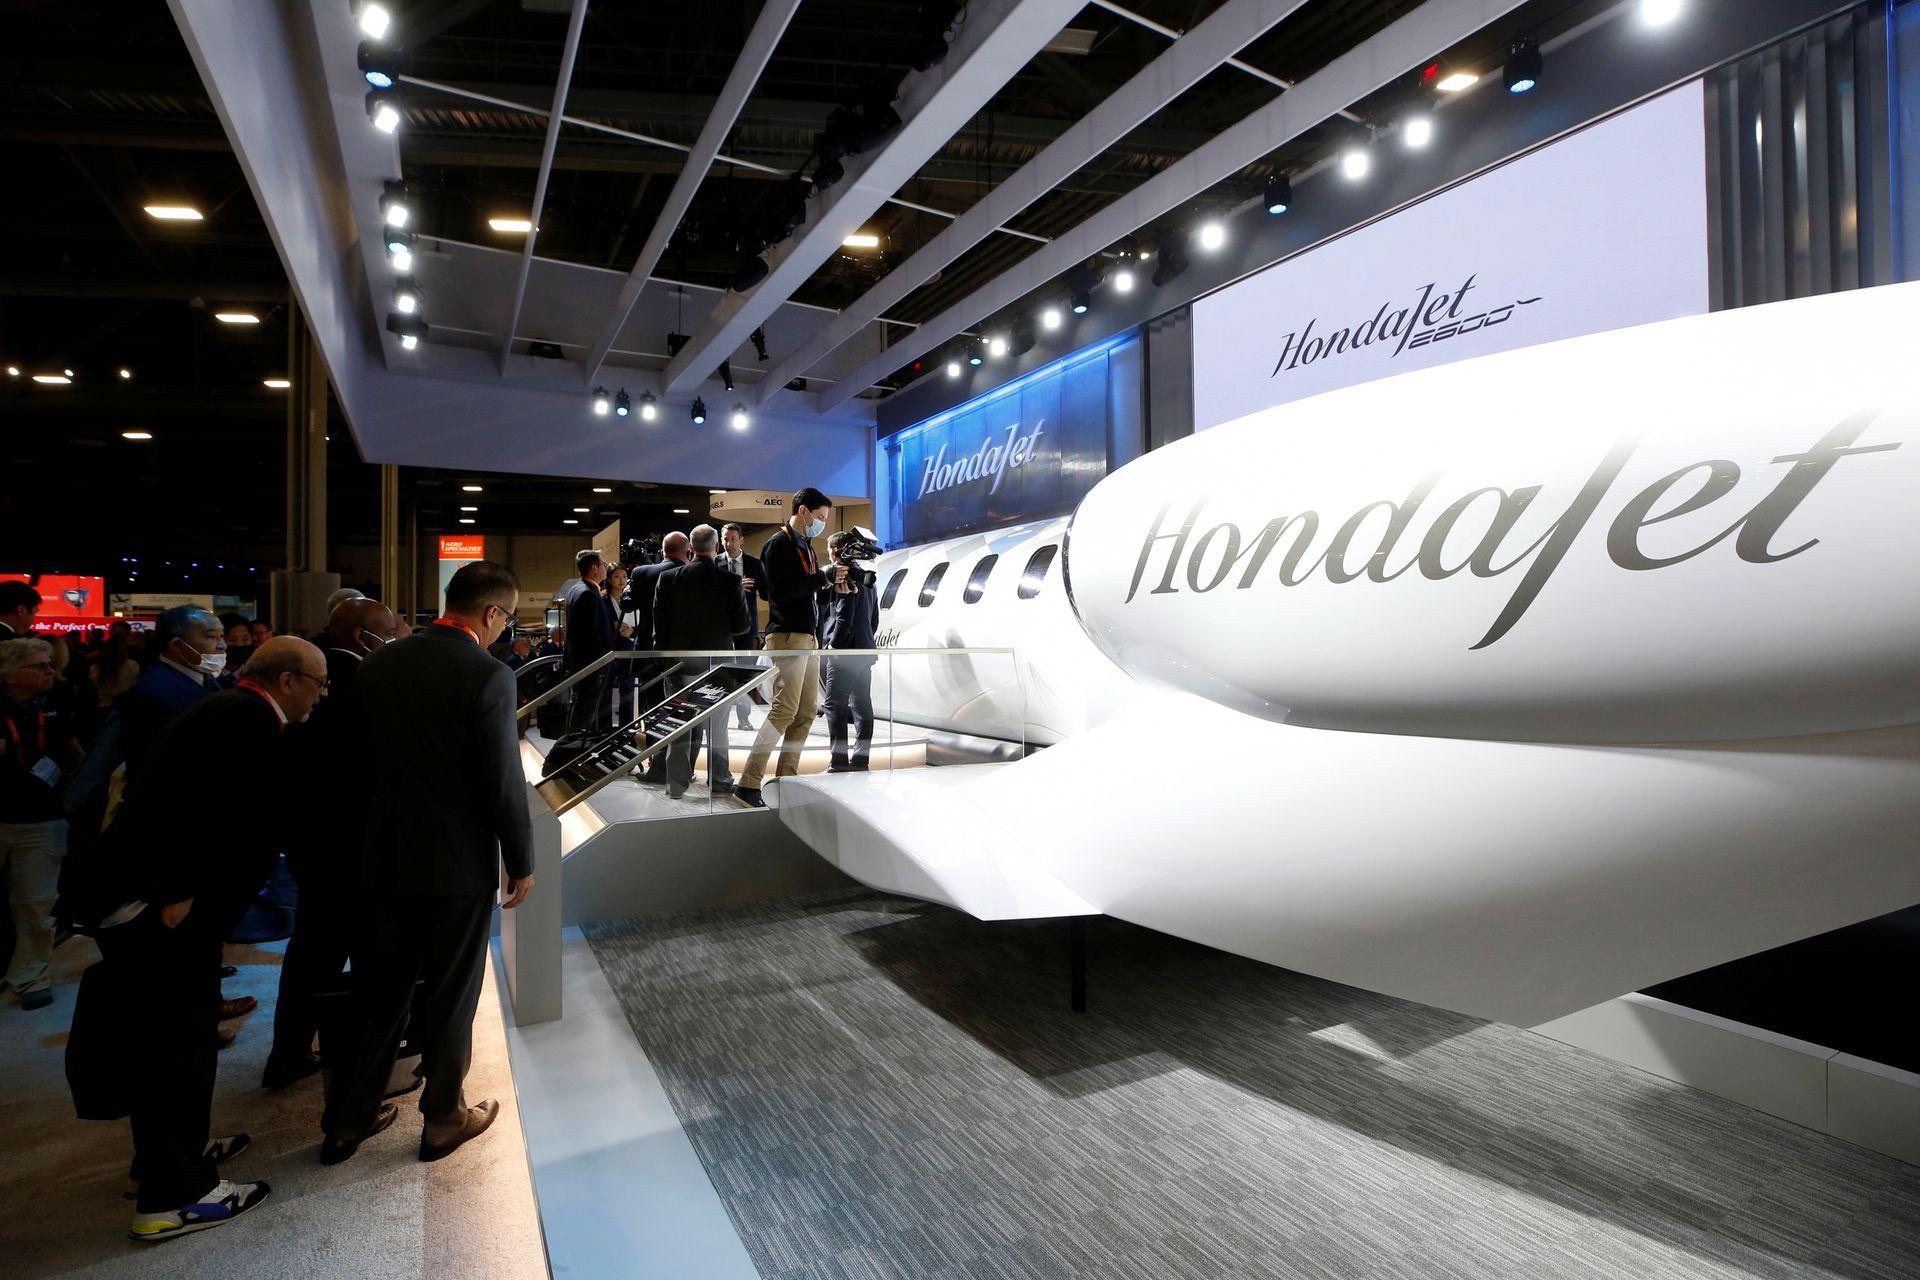 Honda представляет новую модель легкого реактивного самолета, поскольку частные поездки стремительно растут